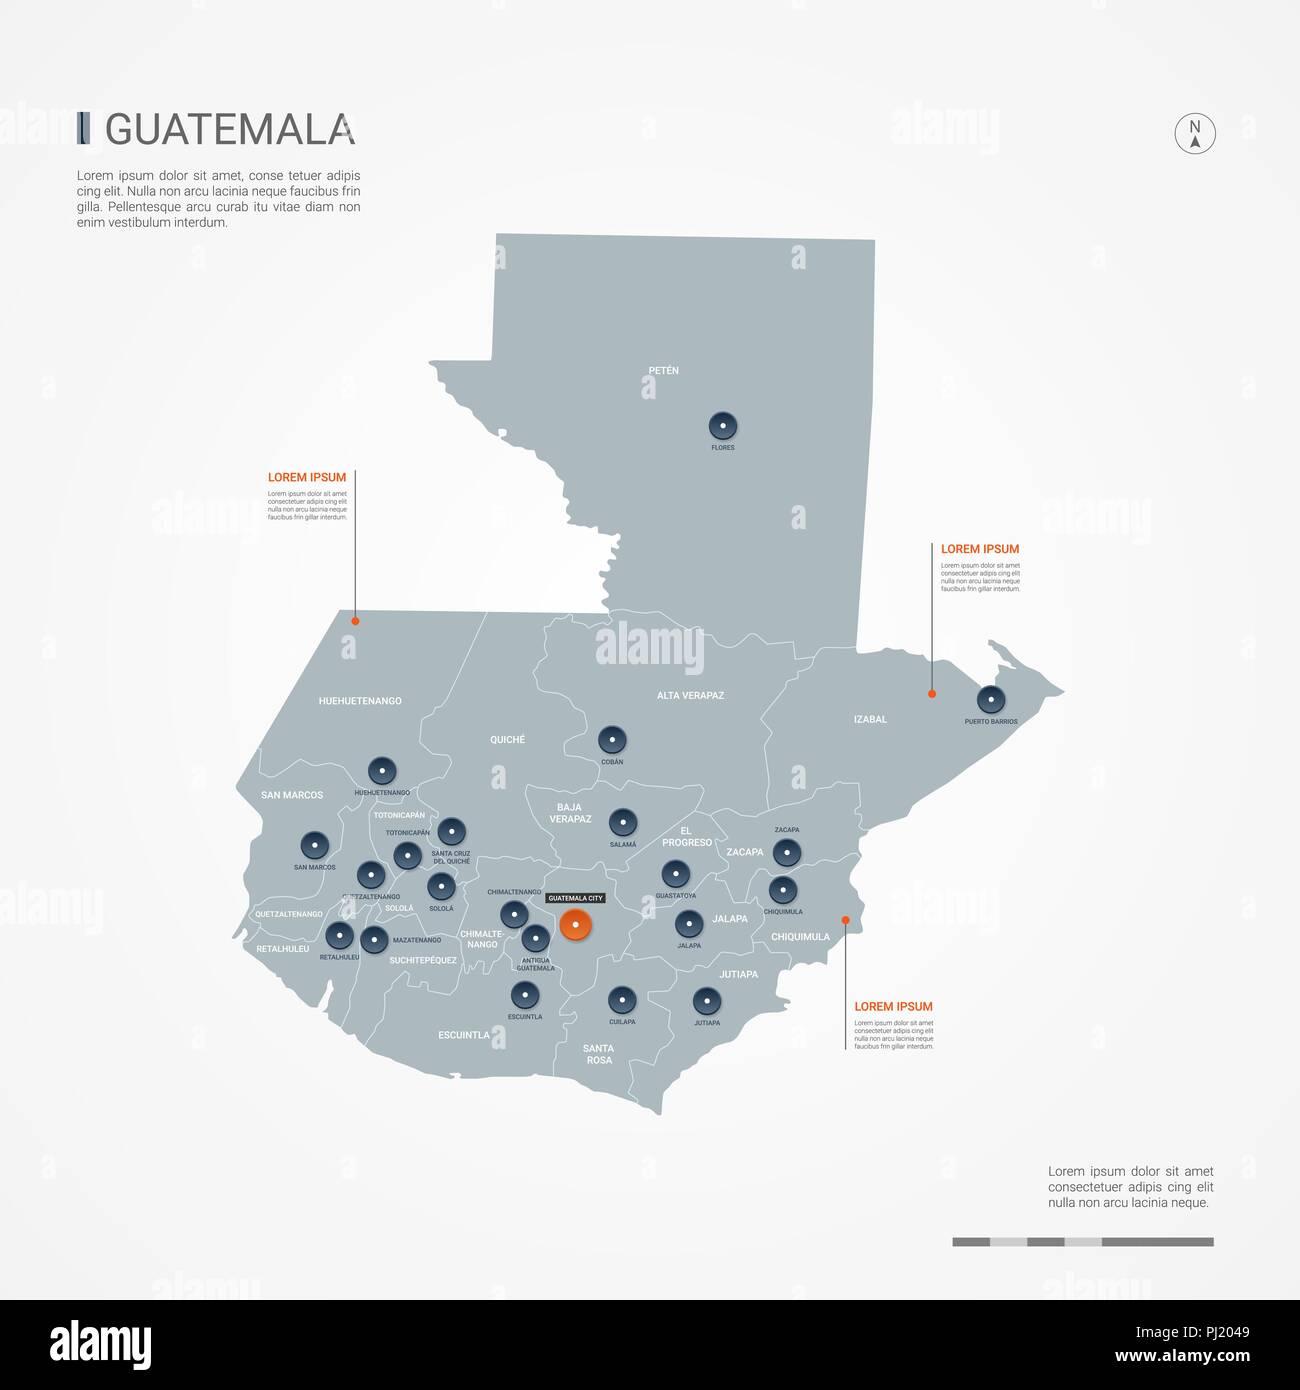 Guatemala Karte.Guatemala Karte Mit Grenzen Städte Kapital Und Administrativen